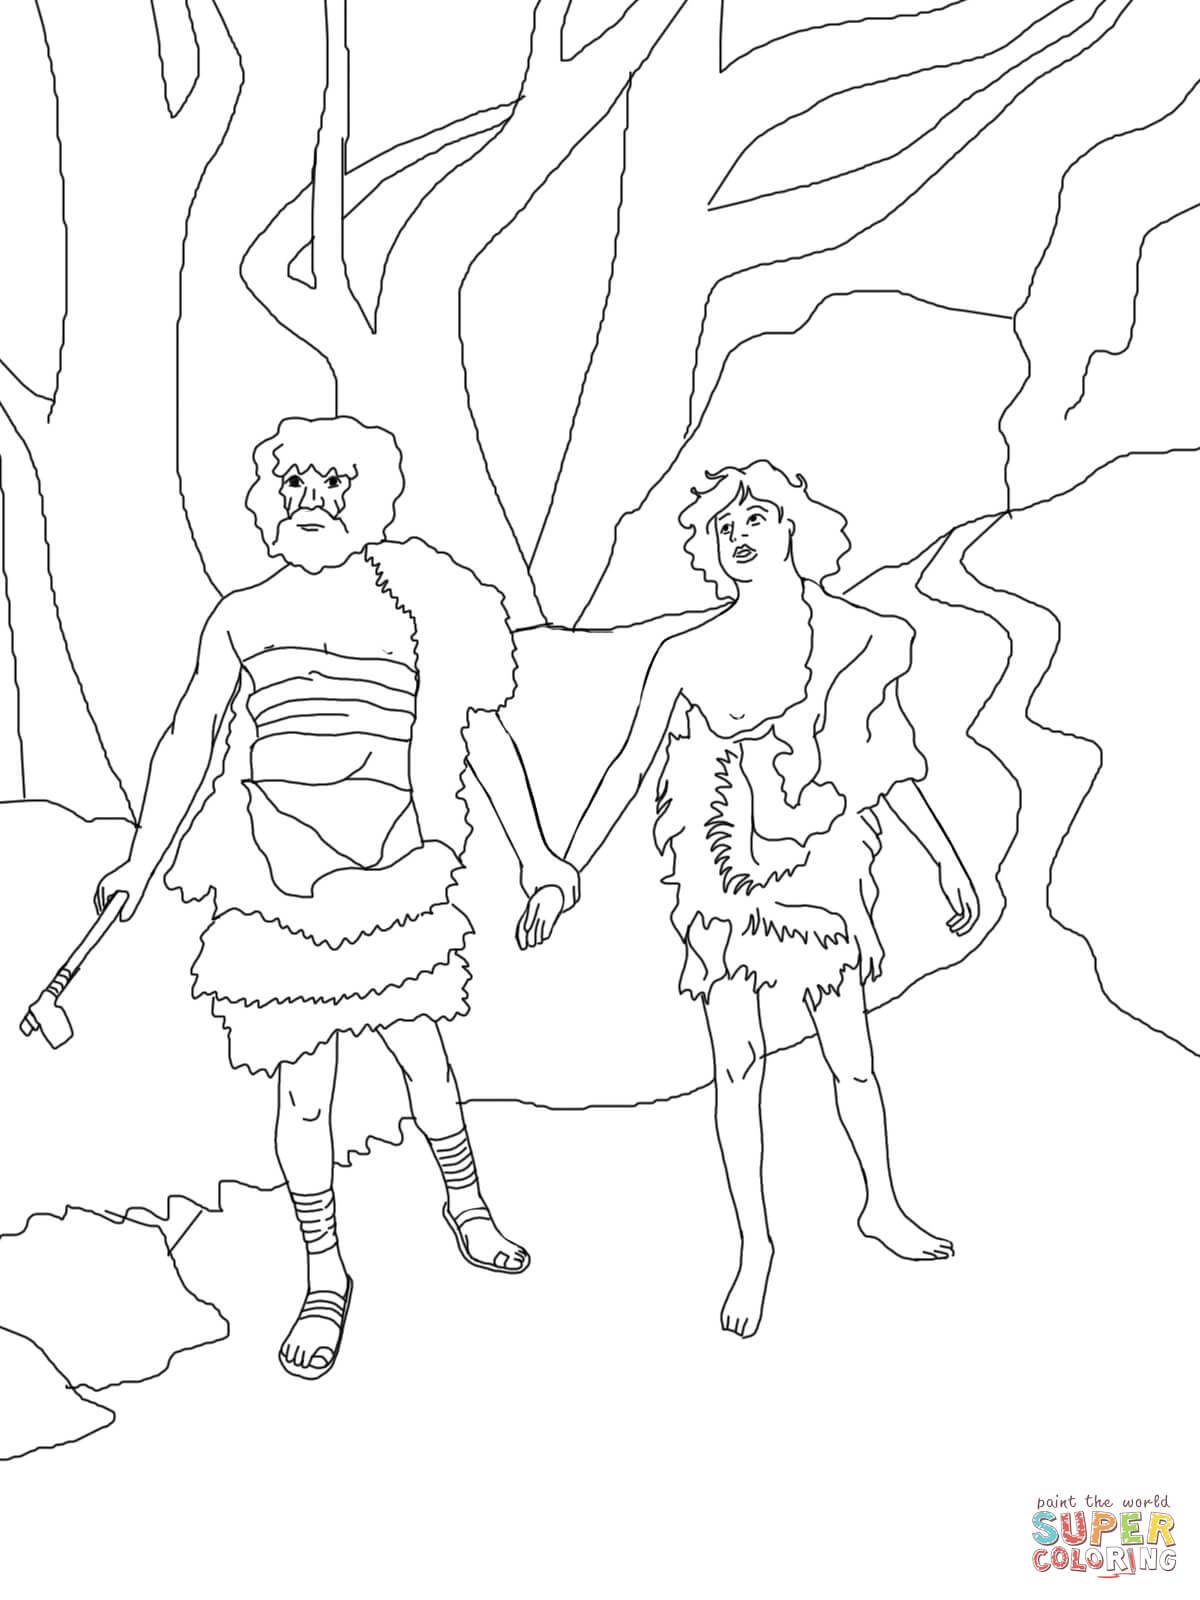 Dibujo de Caín guía a Abel a la muerte para colorear